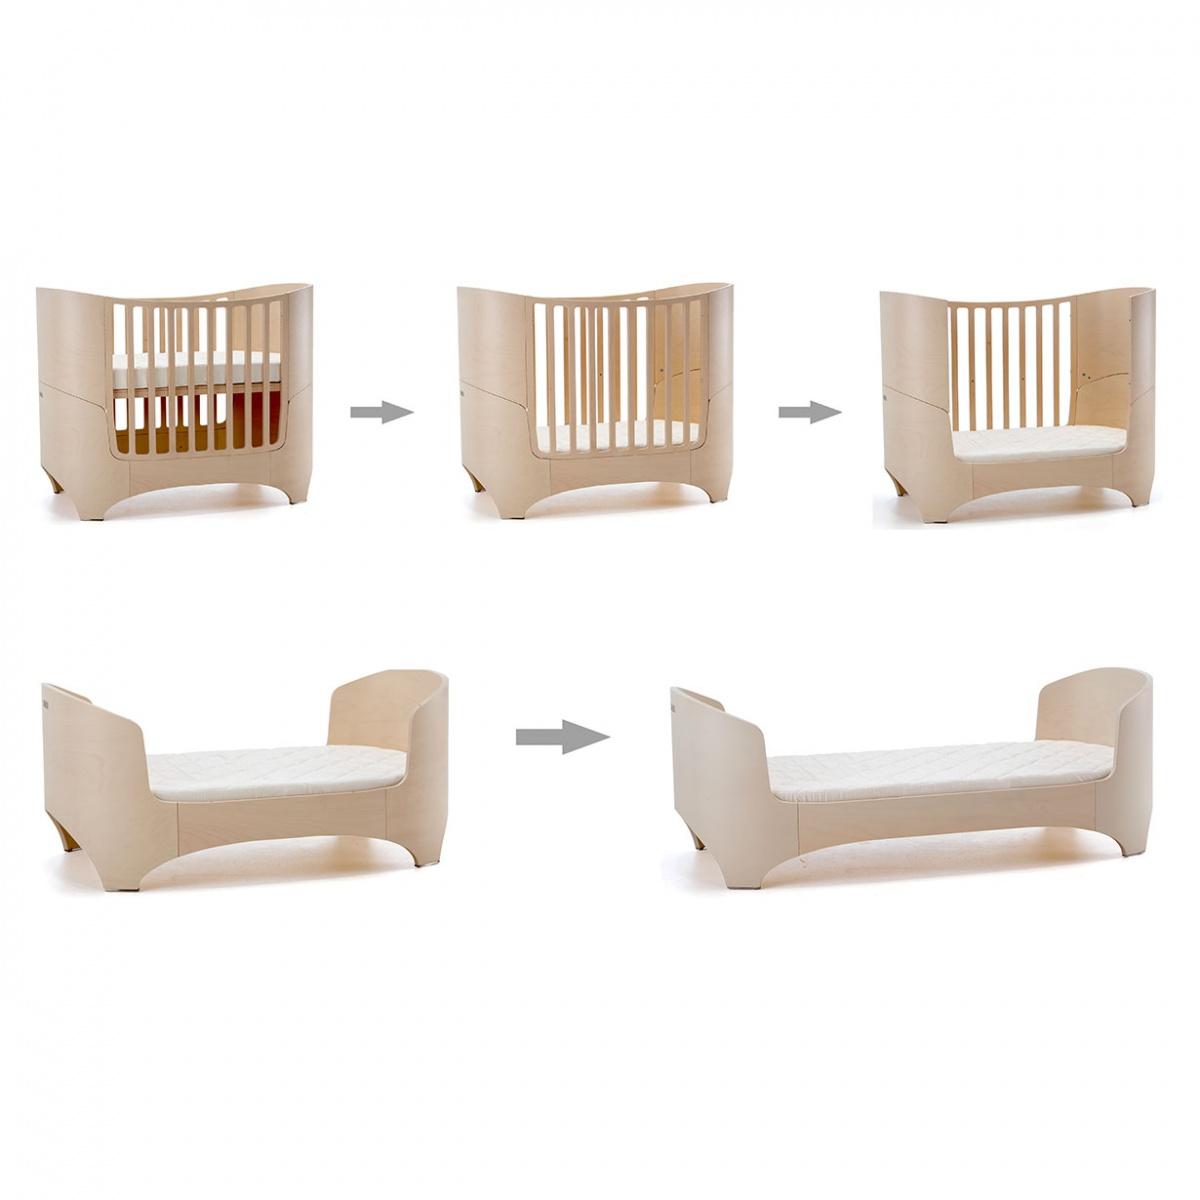 Leander Bed bianco_lovethesign.com_949€